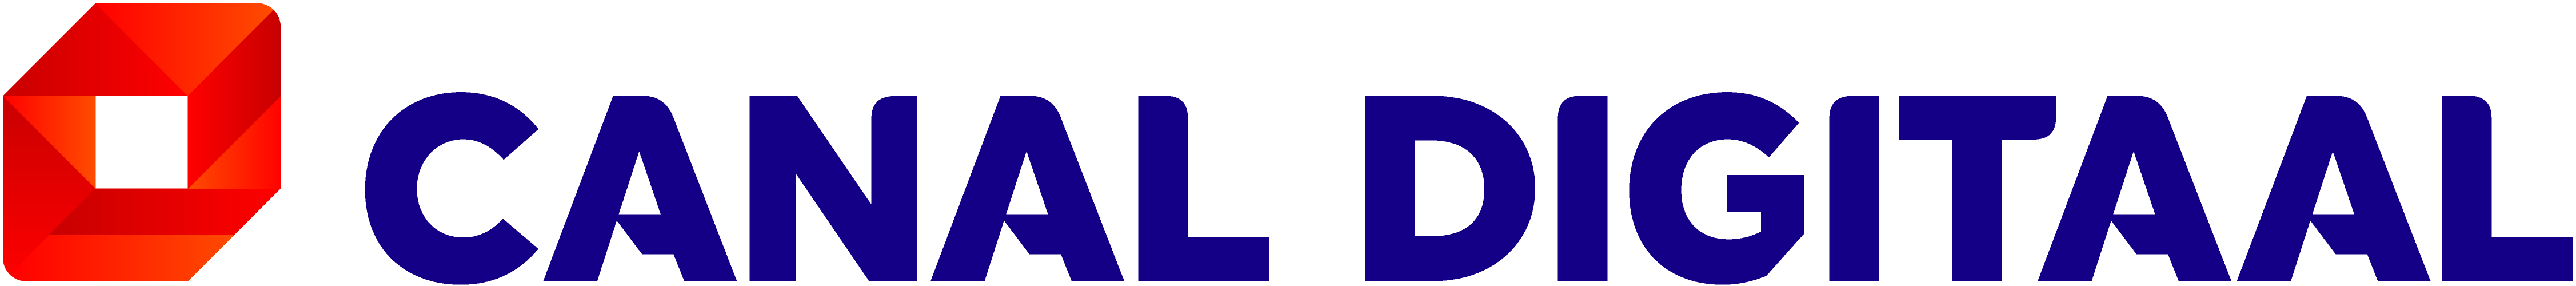 Omroep Zeeland en L1 Limburg stoppen bij CanalDigitaal